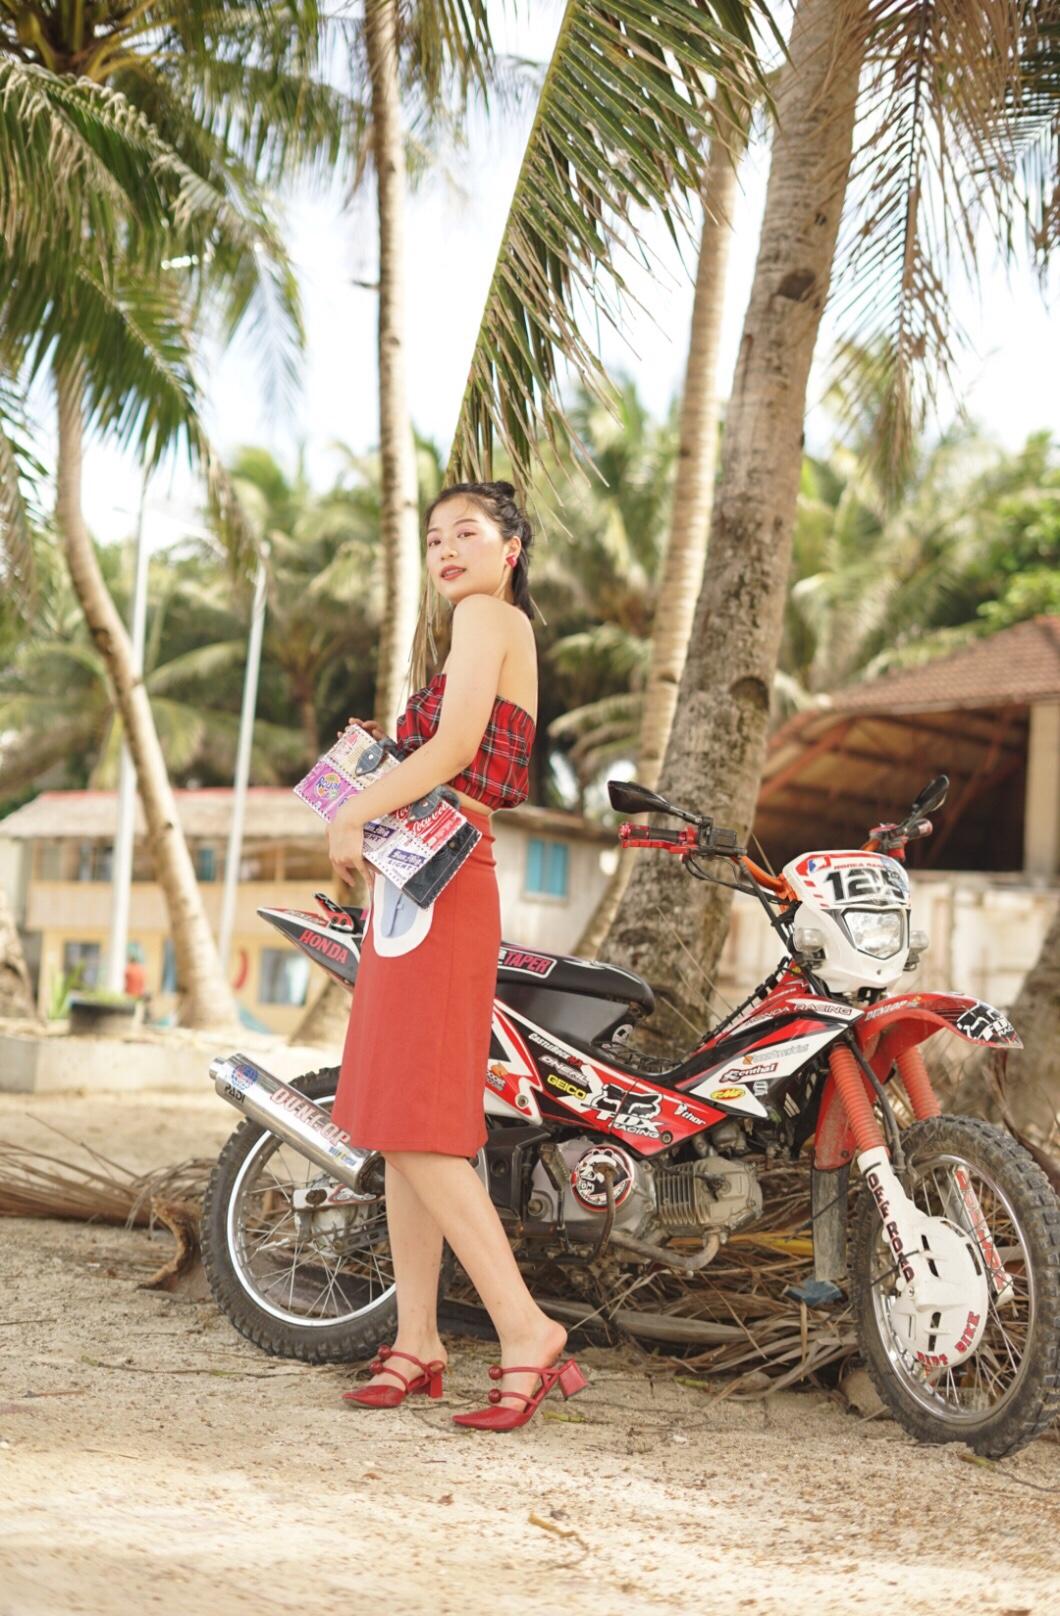 #夏末大戏:腿精的秘密# 短上衣最能拉高比例了 红色格纹裹胸吸睛时髦 搭配同色系半身裙 一套很赞哦